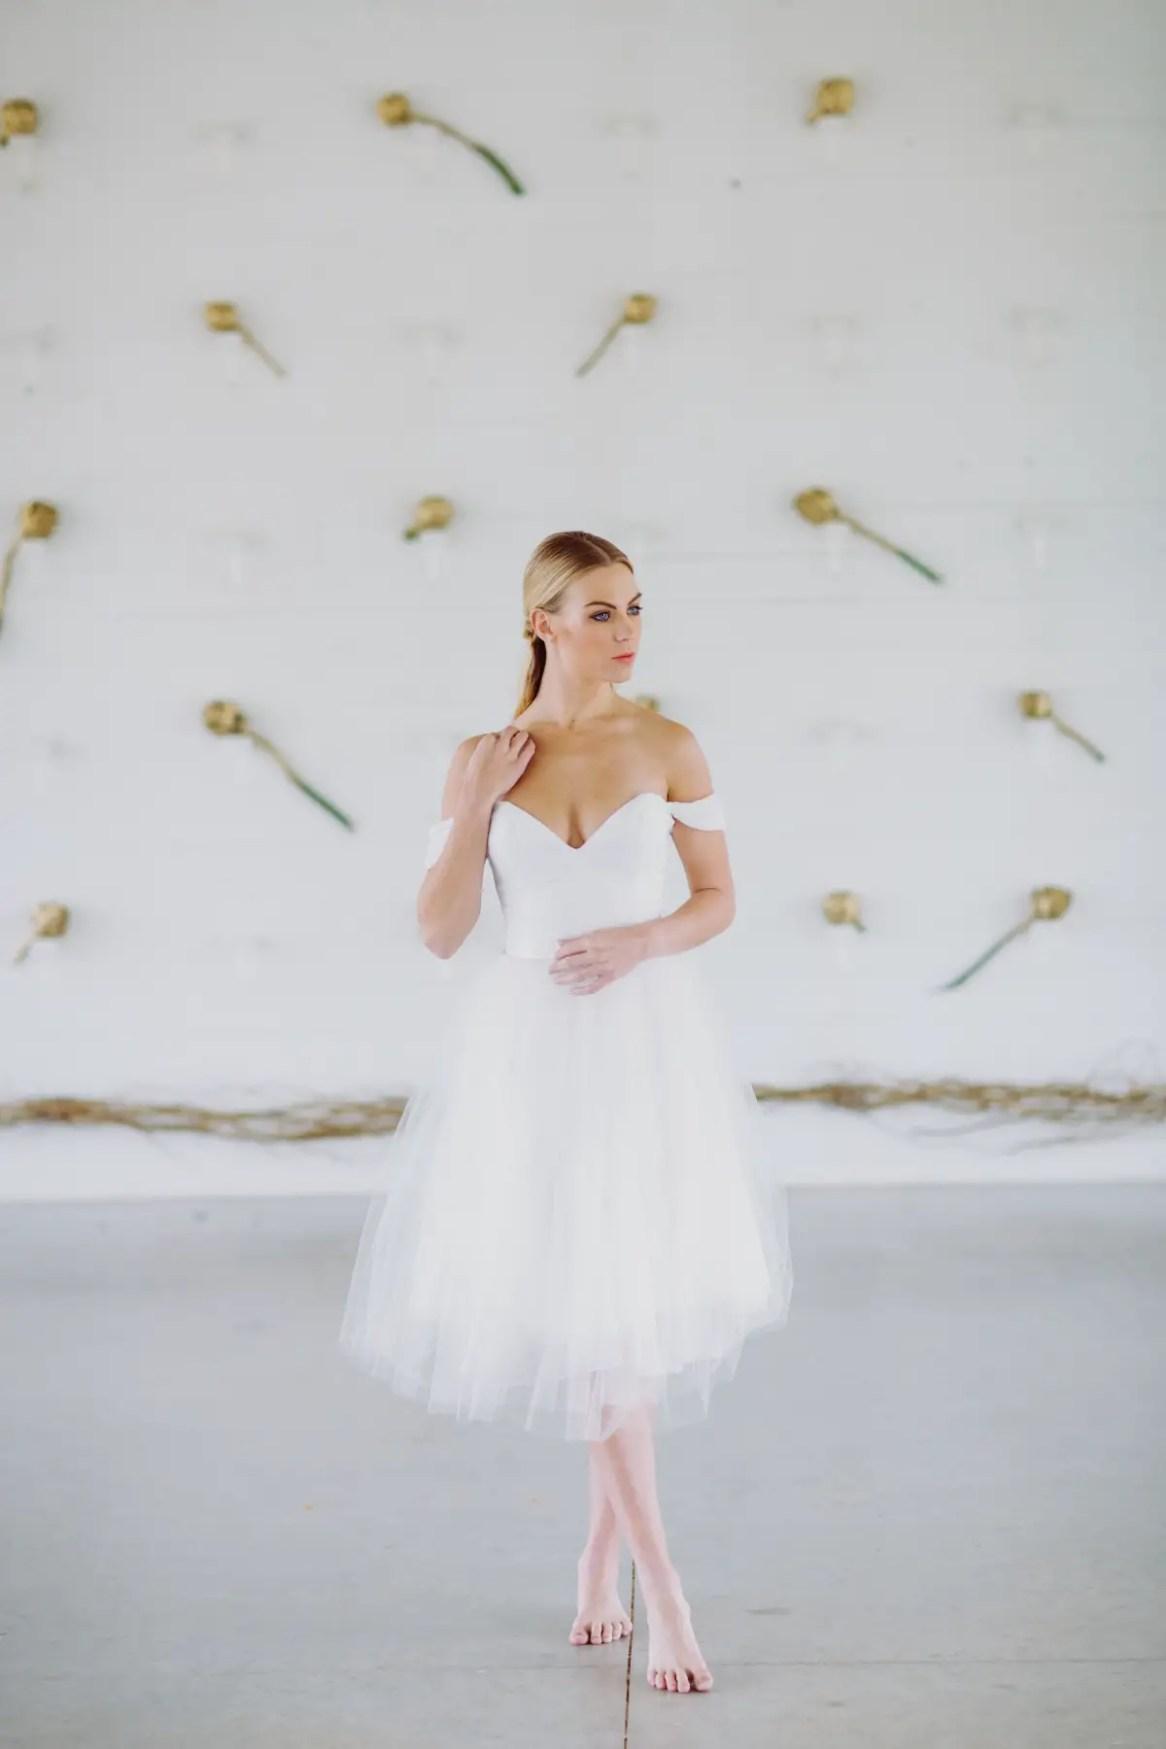 pas-de-deux-bridal-gowns-shoot-austin-008